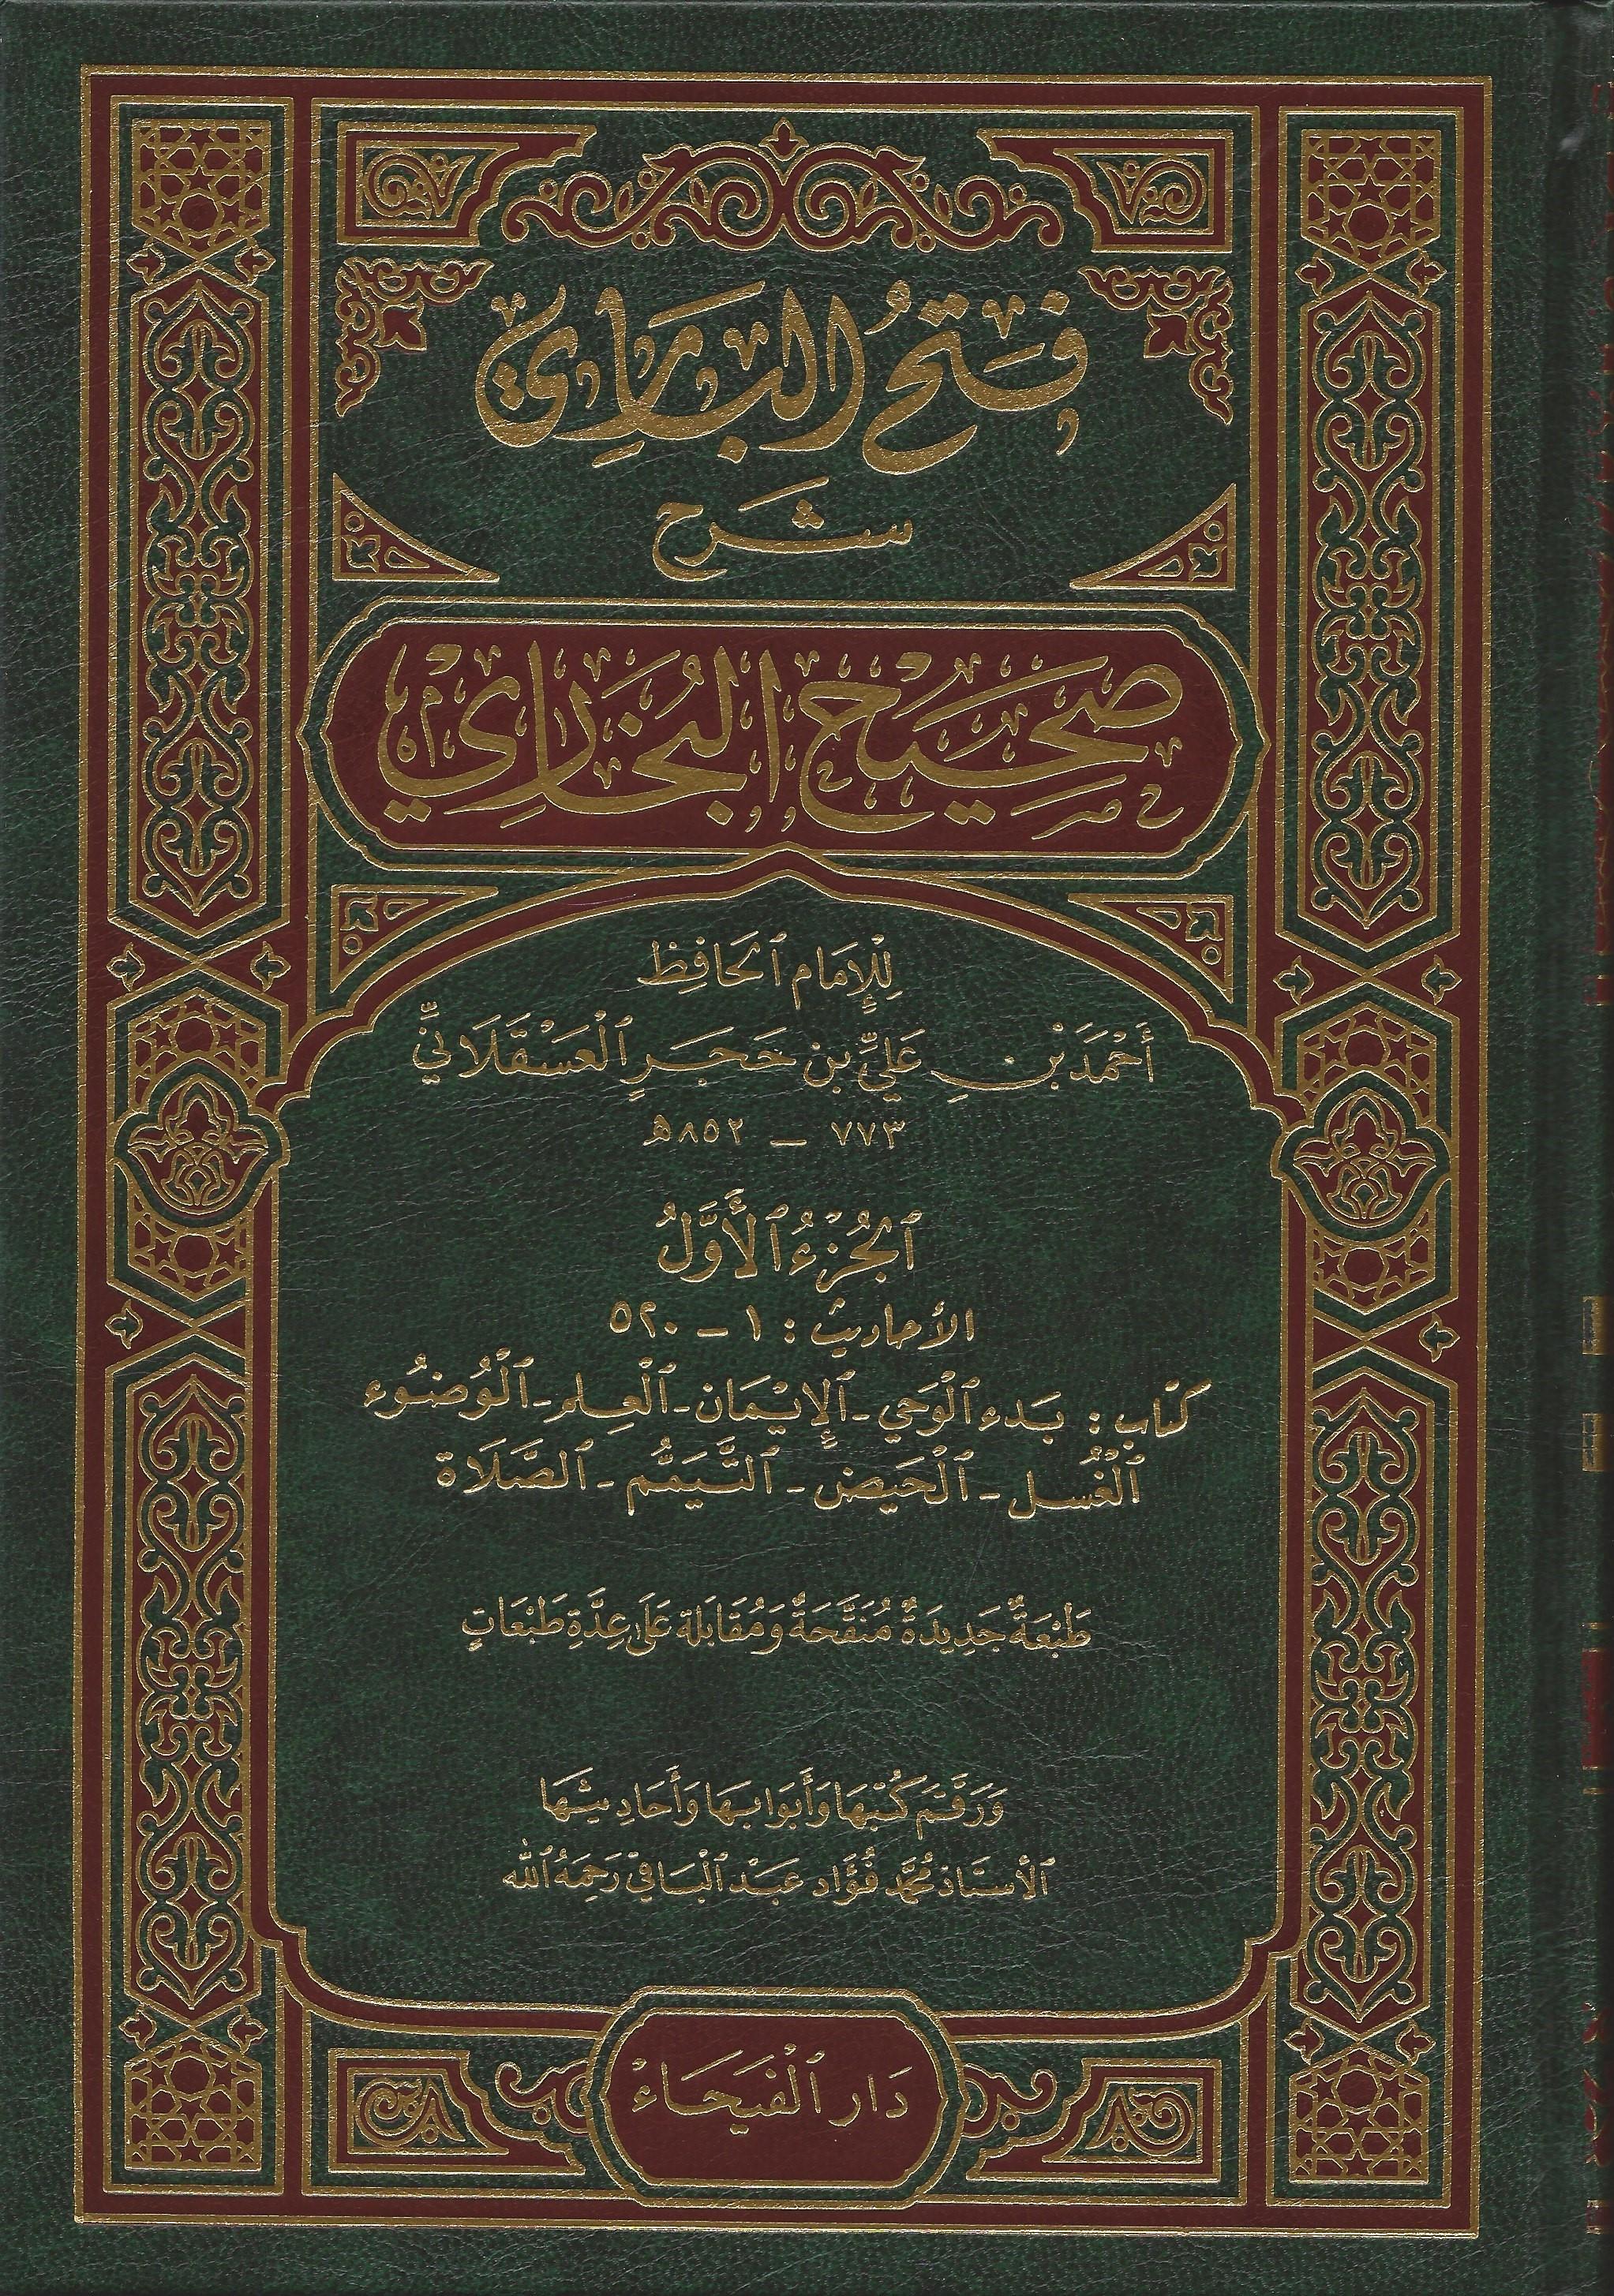 تحميل كتاب فتح البارى فى شرح صحيح البخارى pdf